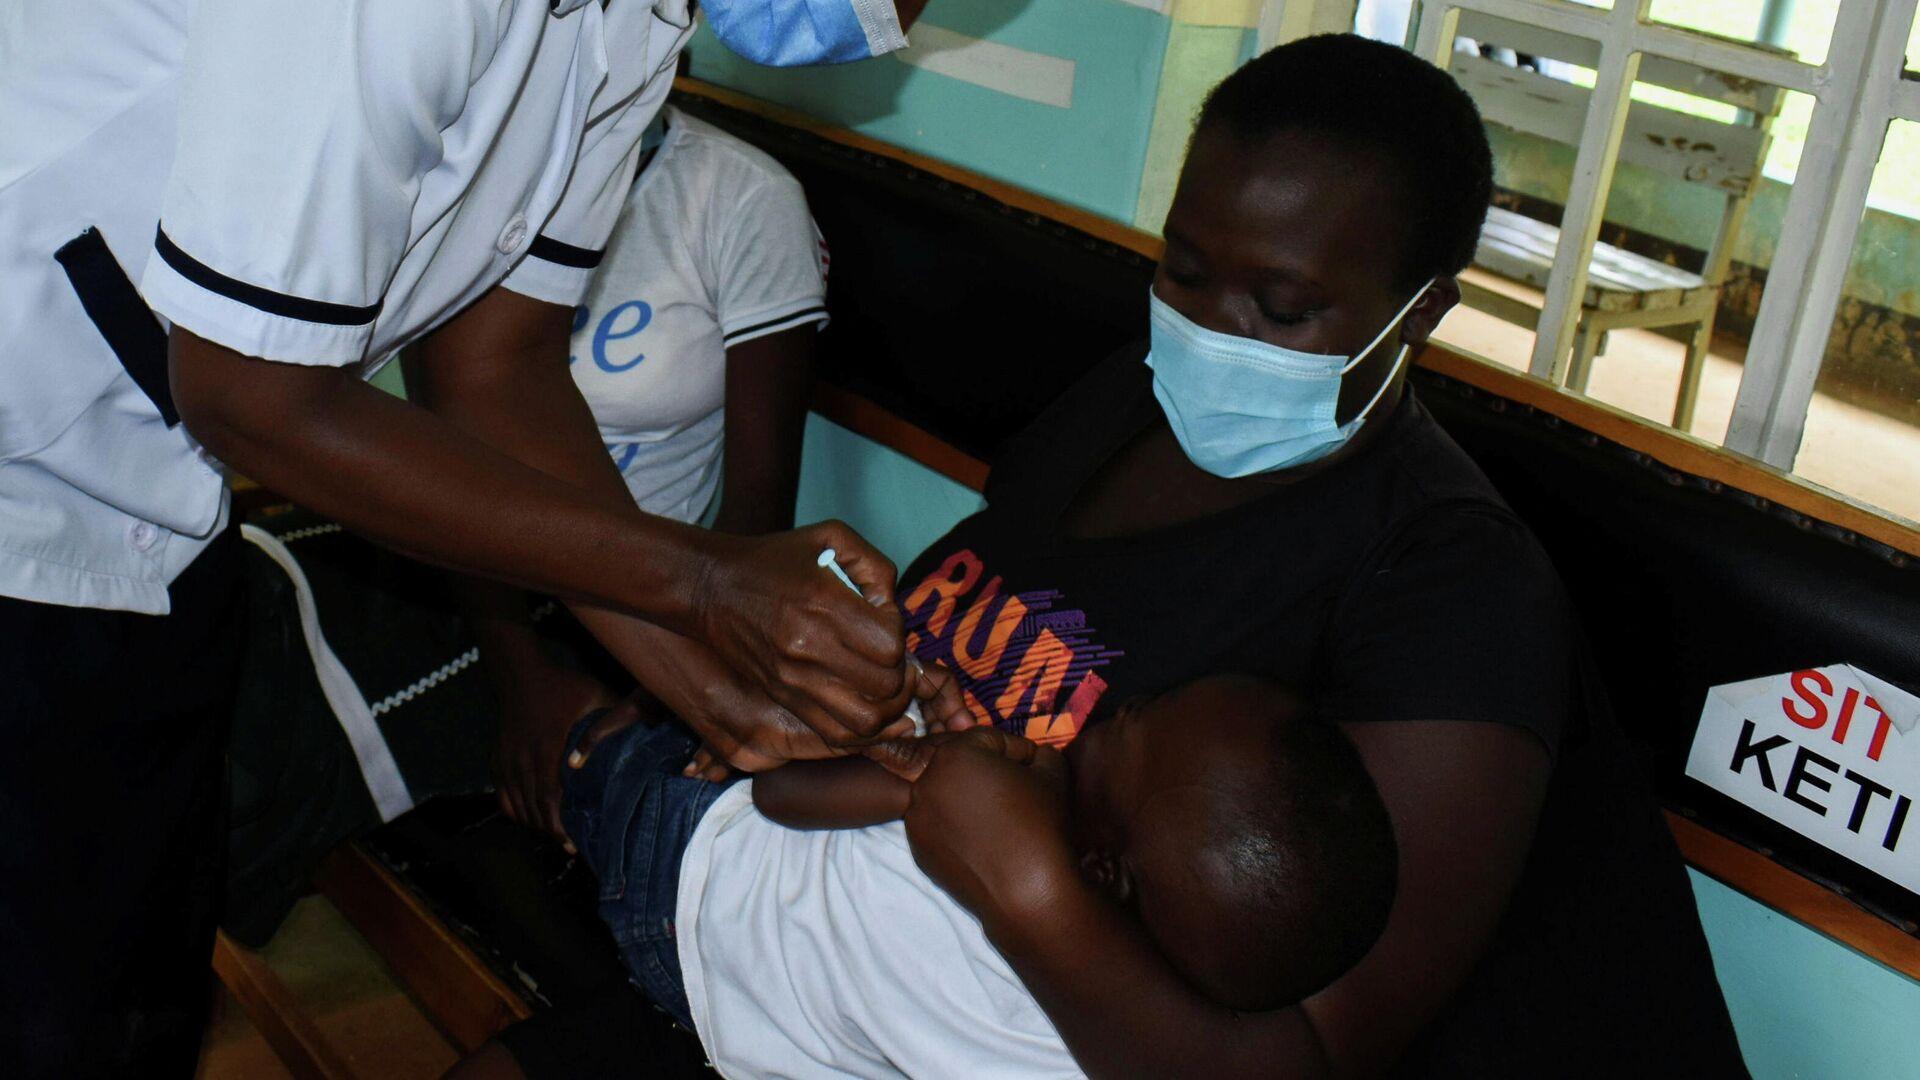 Una enfermera administra una vacuna contra la malaria a un niño en Kenia - Sputnik Mundo, 1920, 09.10.2021